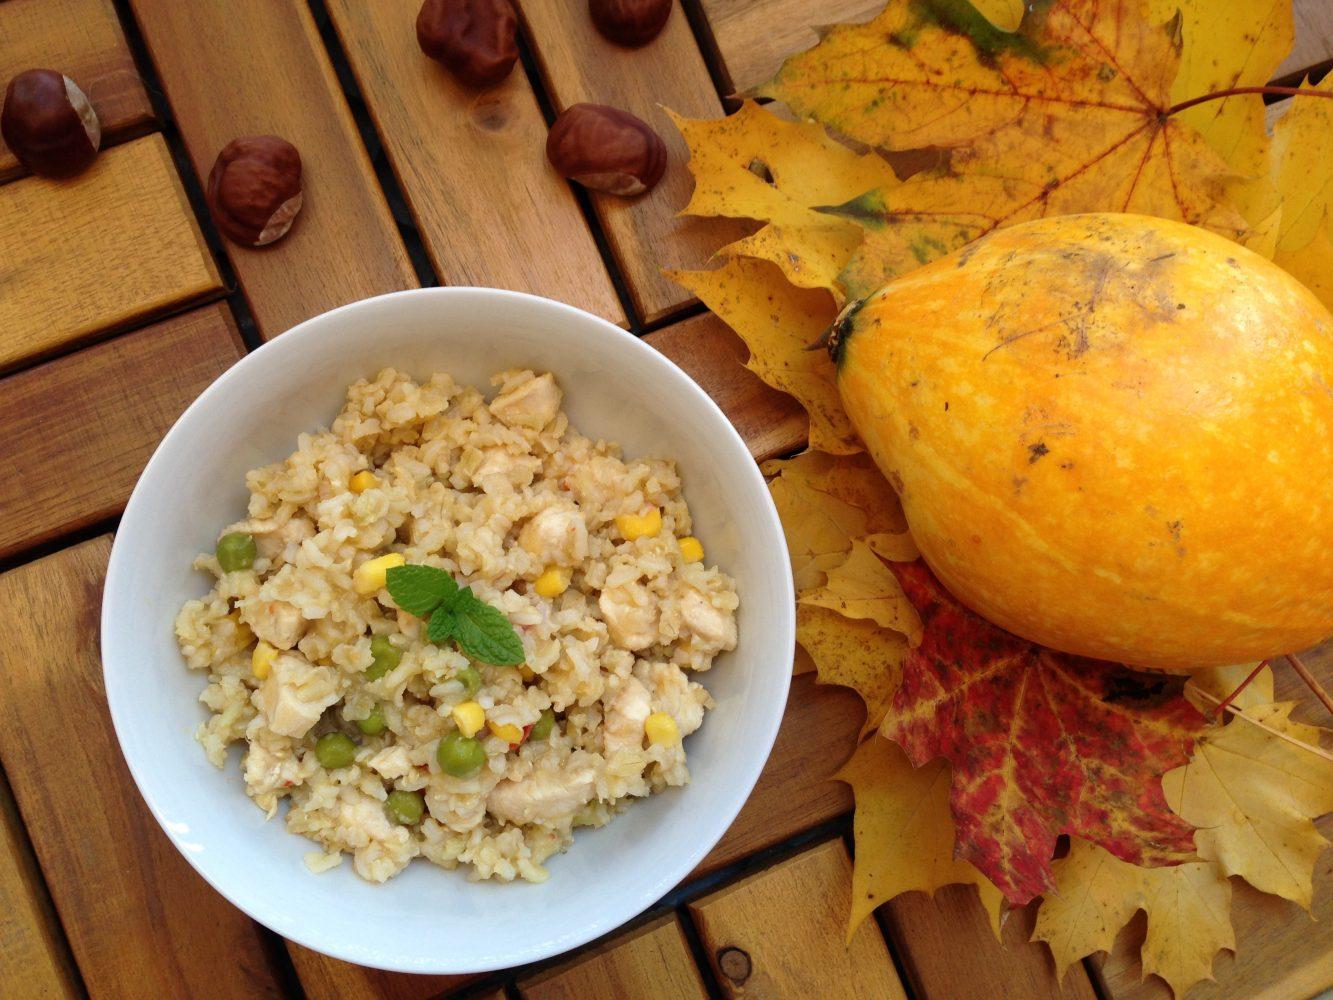 Jesenná verzia rizota - rizoto s tekvicou